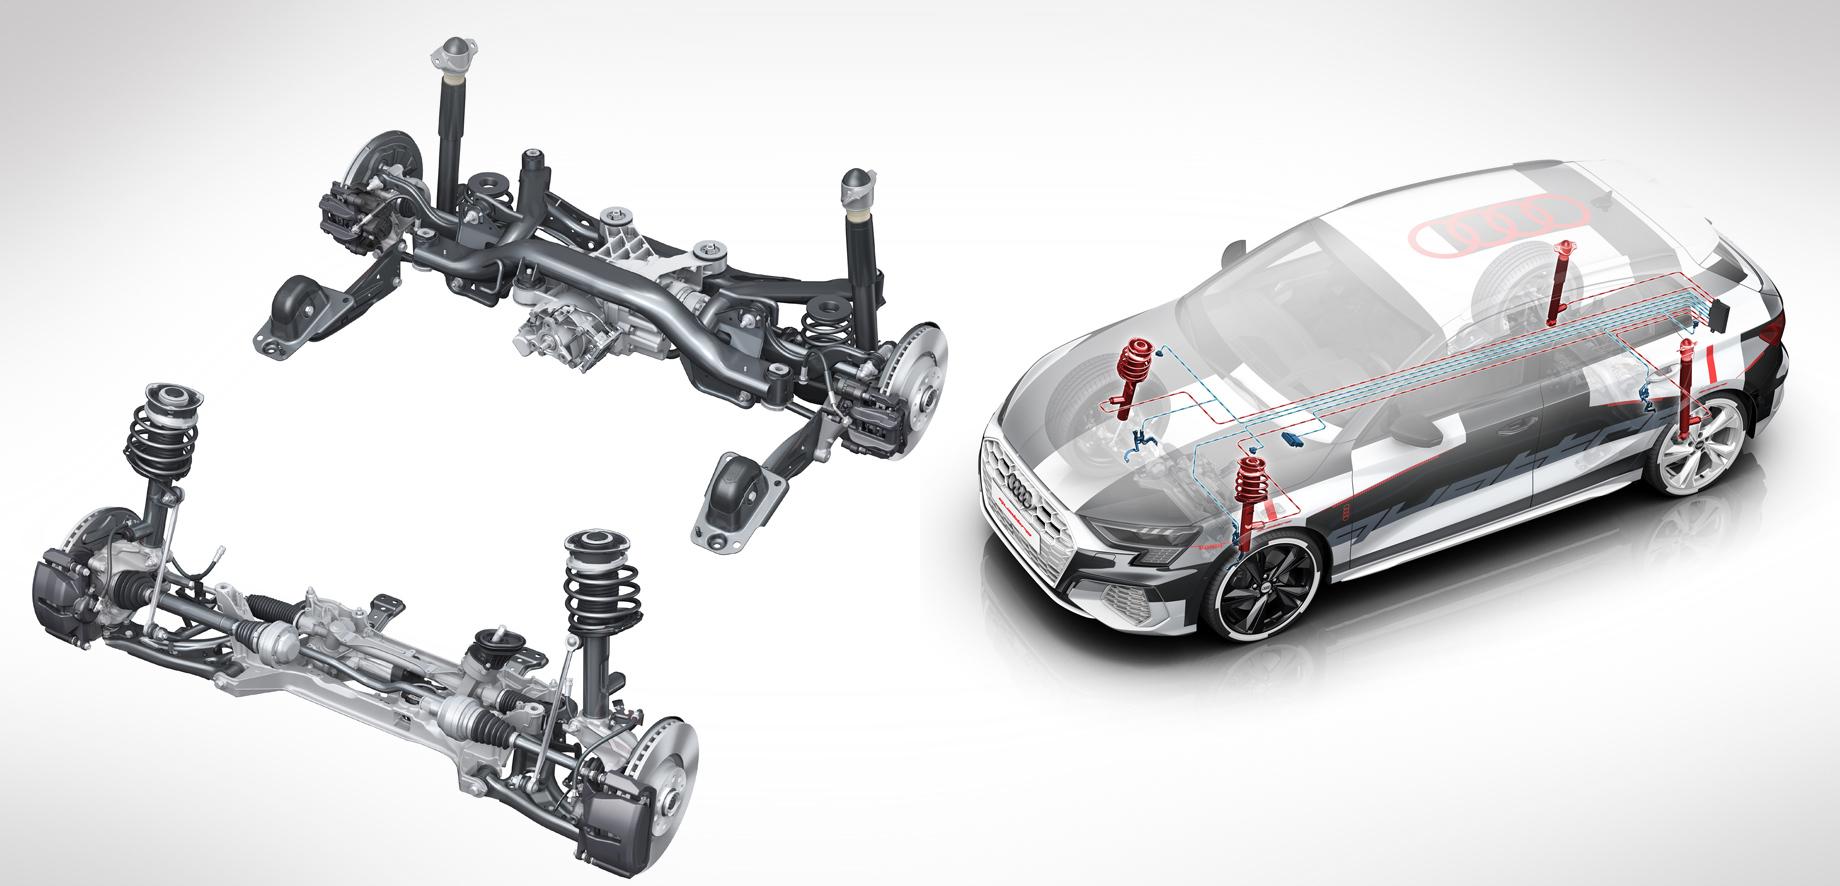 Хэтчбек Audi S3 рассказал оскорой премьере семейства